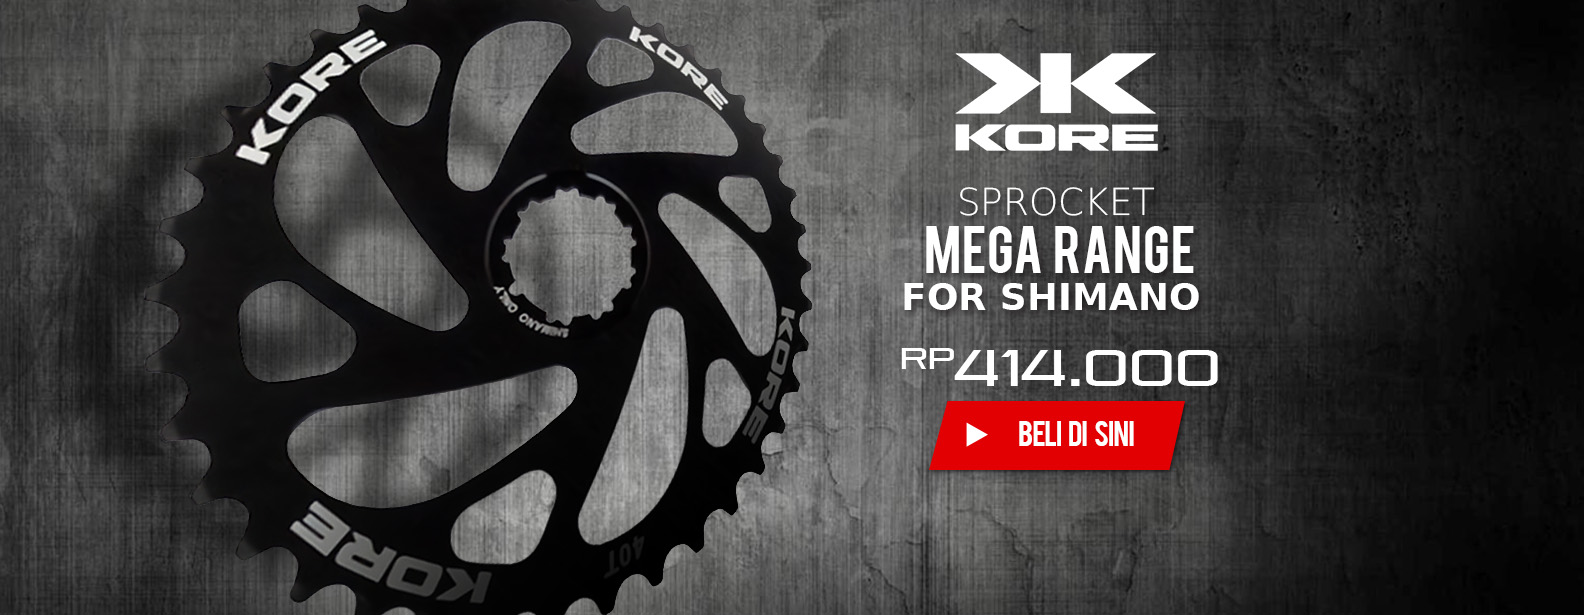 Kore Sprocket Sepeda Mega Range for Shimano